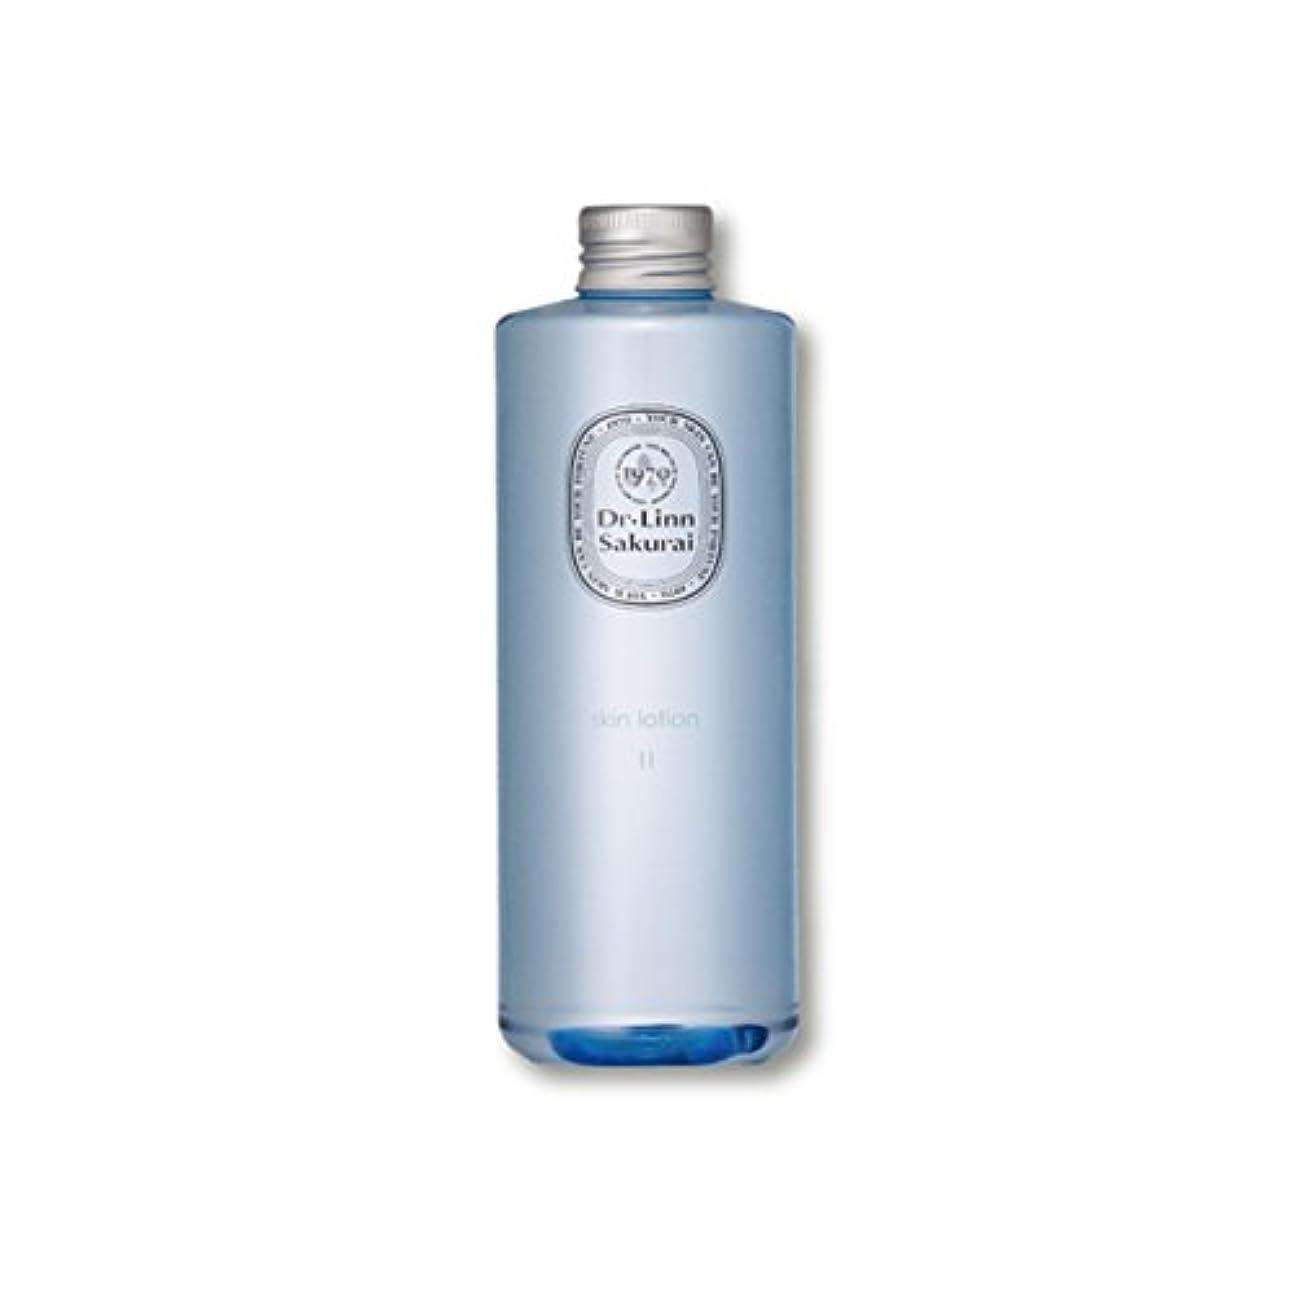 南西振り返るスクランブルドクターリンサクライ スキンローションII しっとりタイプ 300ml  (化粧水)